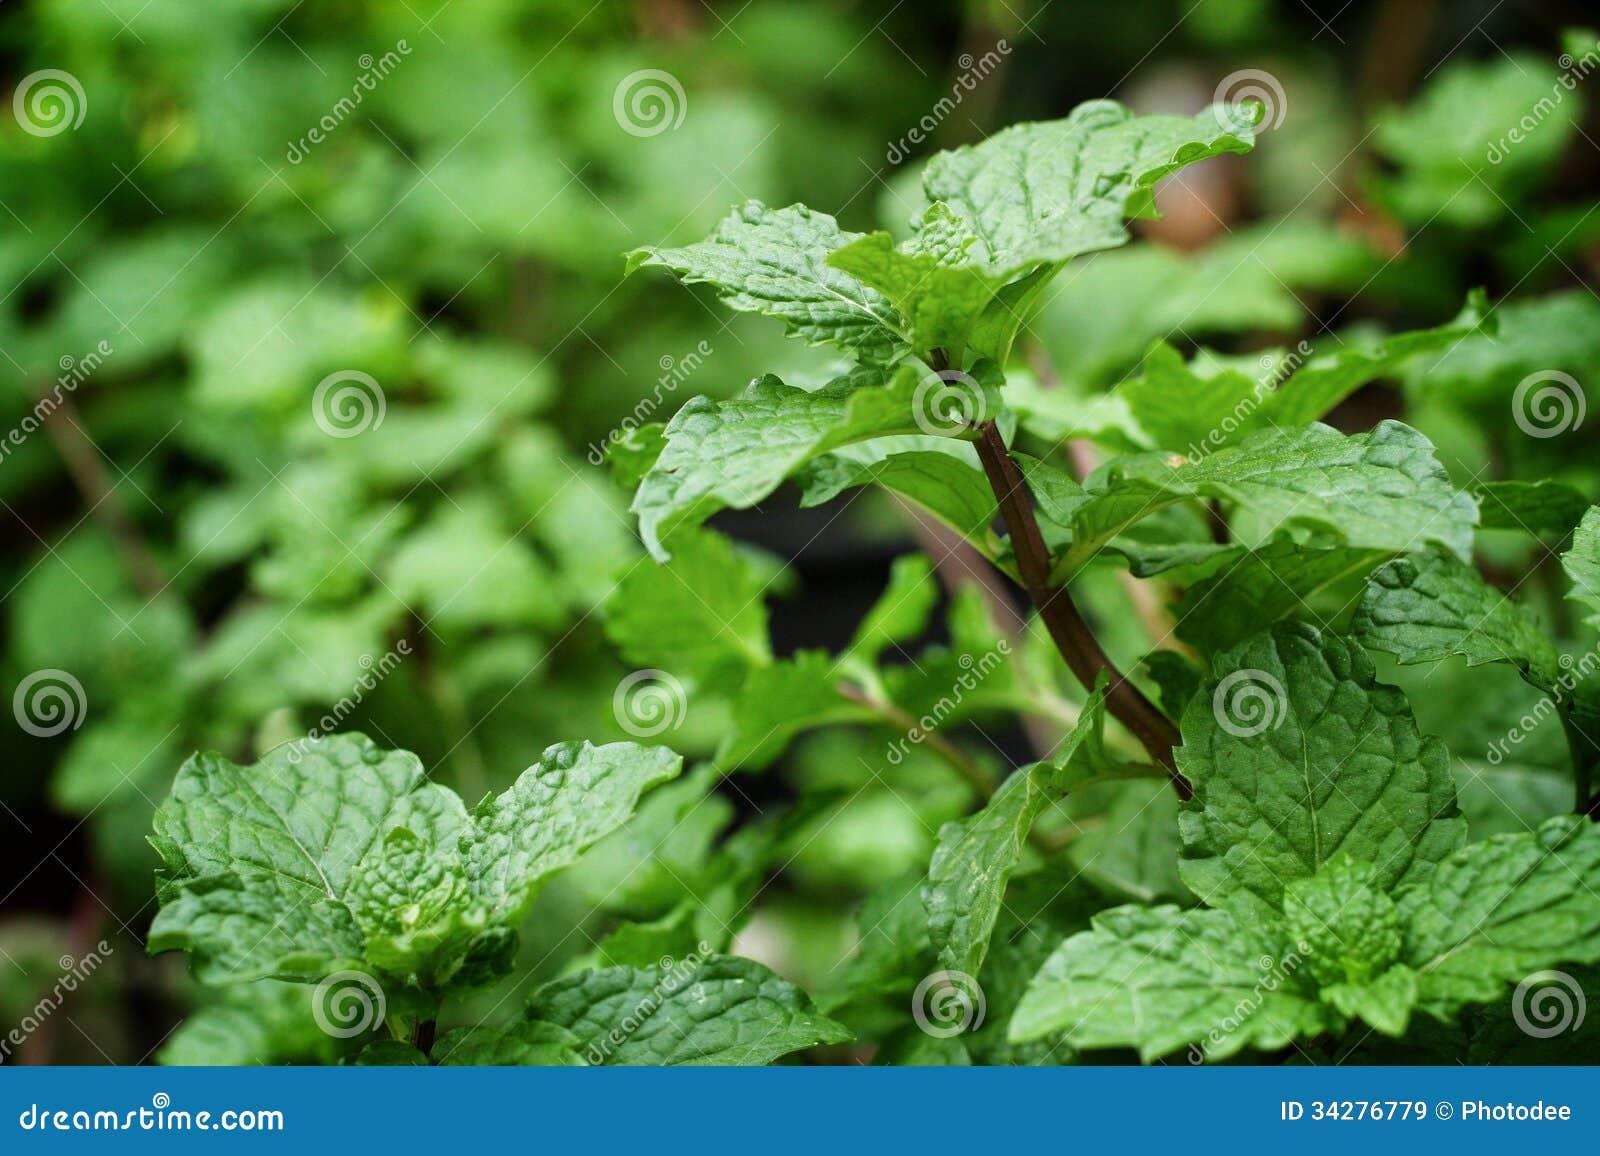 胡椒薄荷叶在庭院里.图片